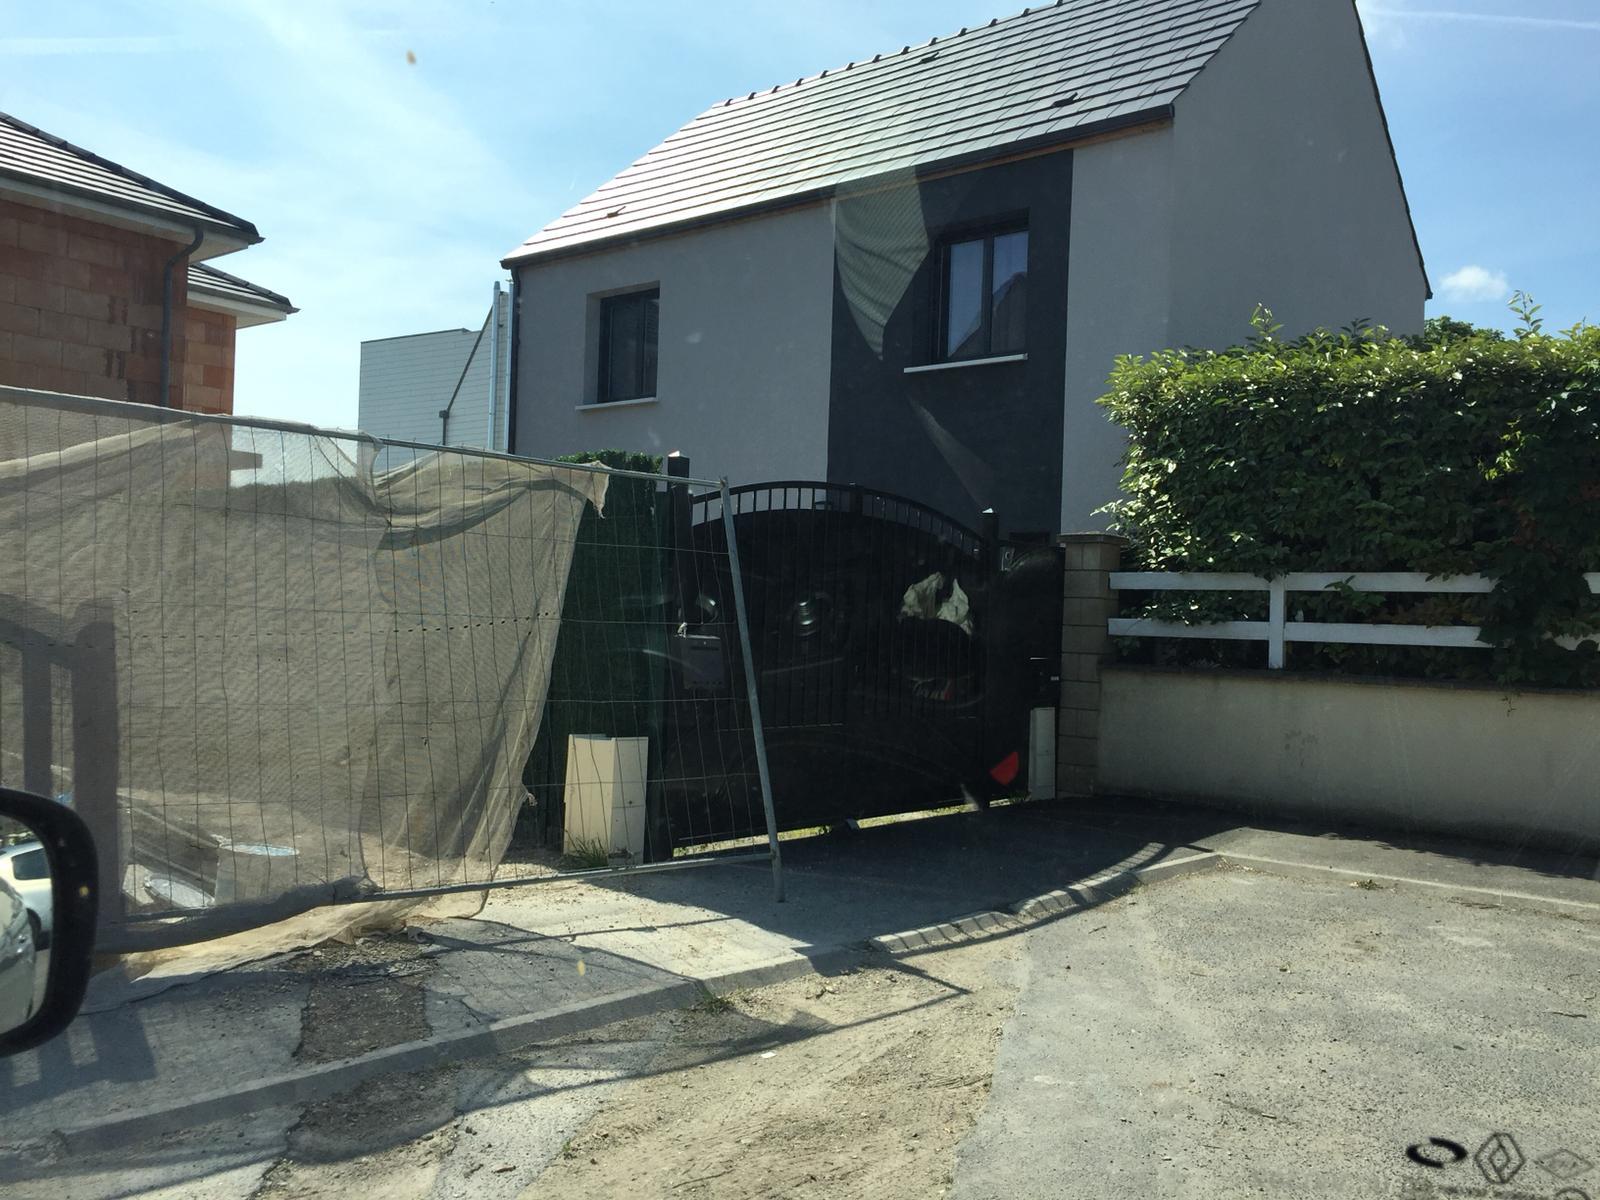 Maisons + Terrains du constructeur MAISONS SESAME • 75 m² • TREMBLAY EN FRANCE